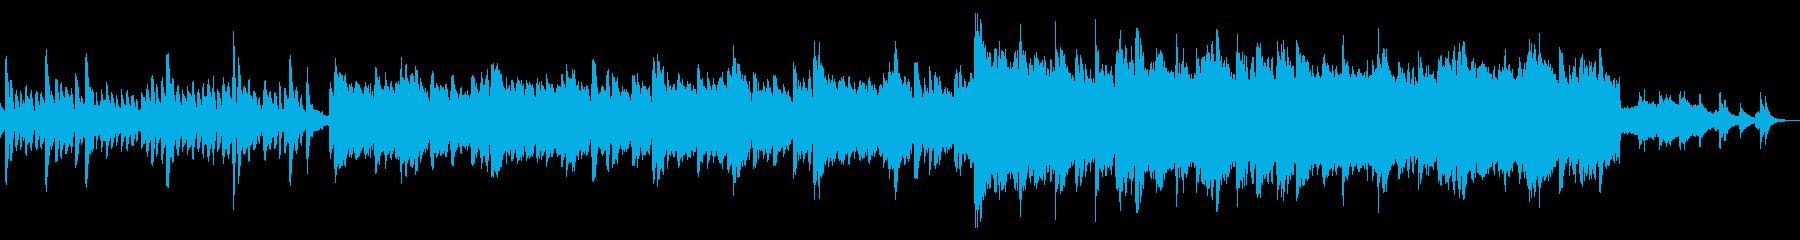 海と自然を連想できる曲(シネマ)の再生済みの波形